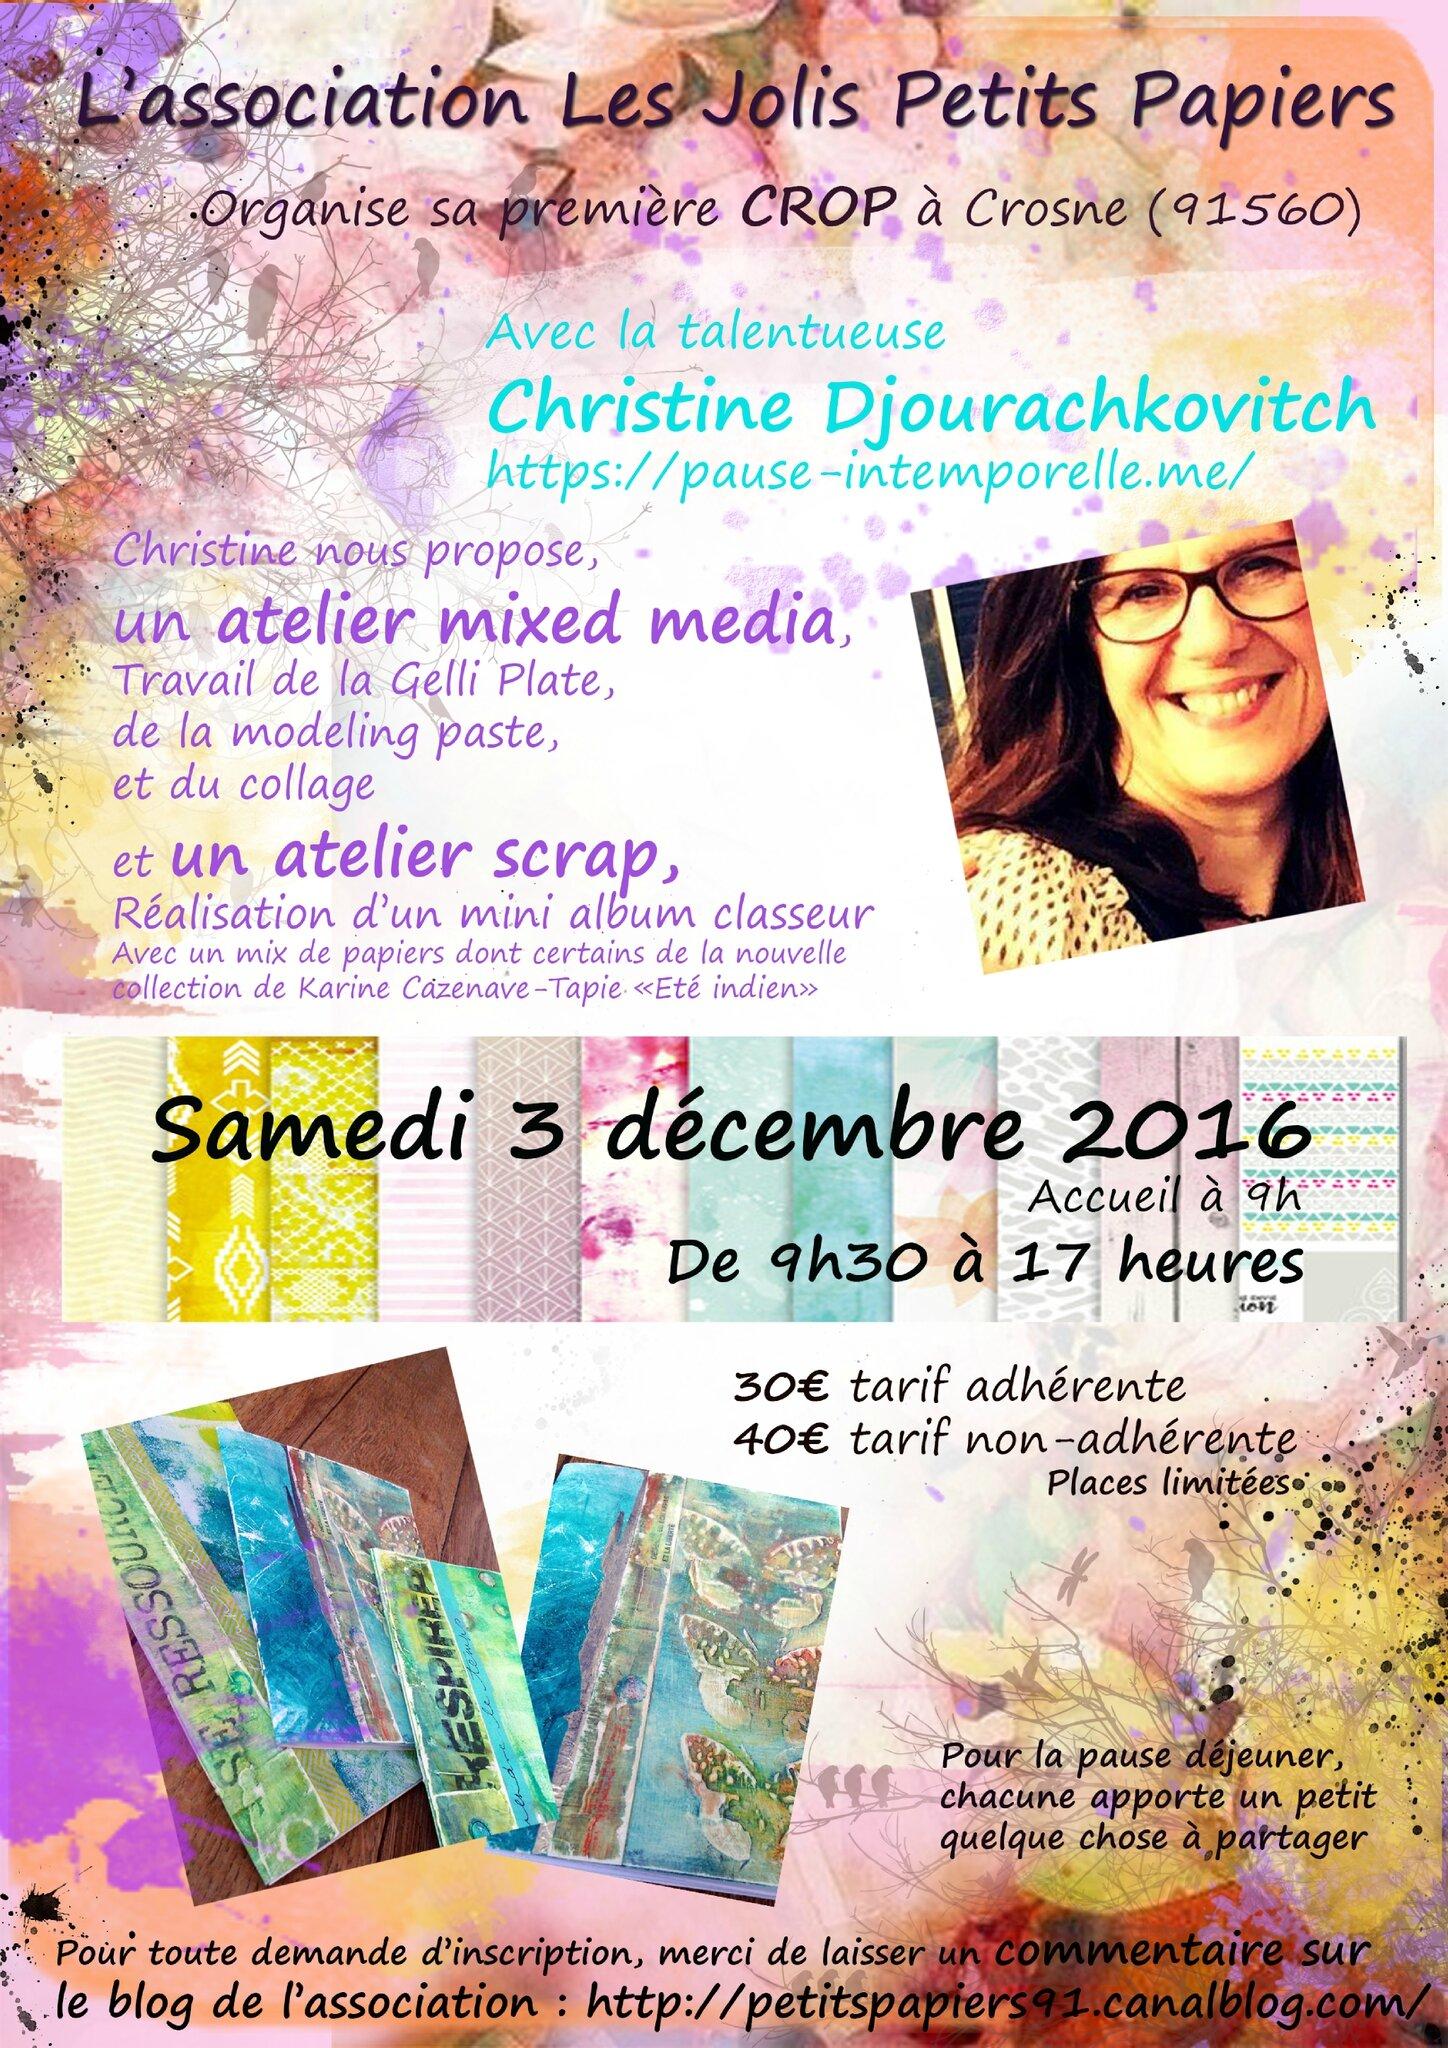 Notre première crop avec Christine Djourachkovitch arrive ! Le samedi 3 décembre 2016...